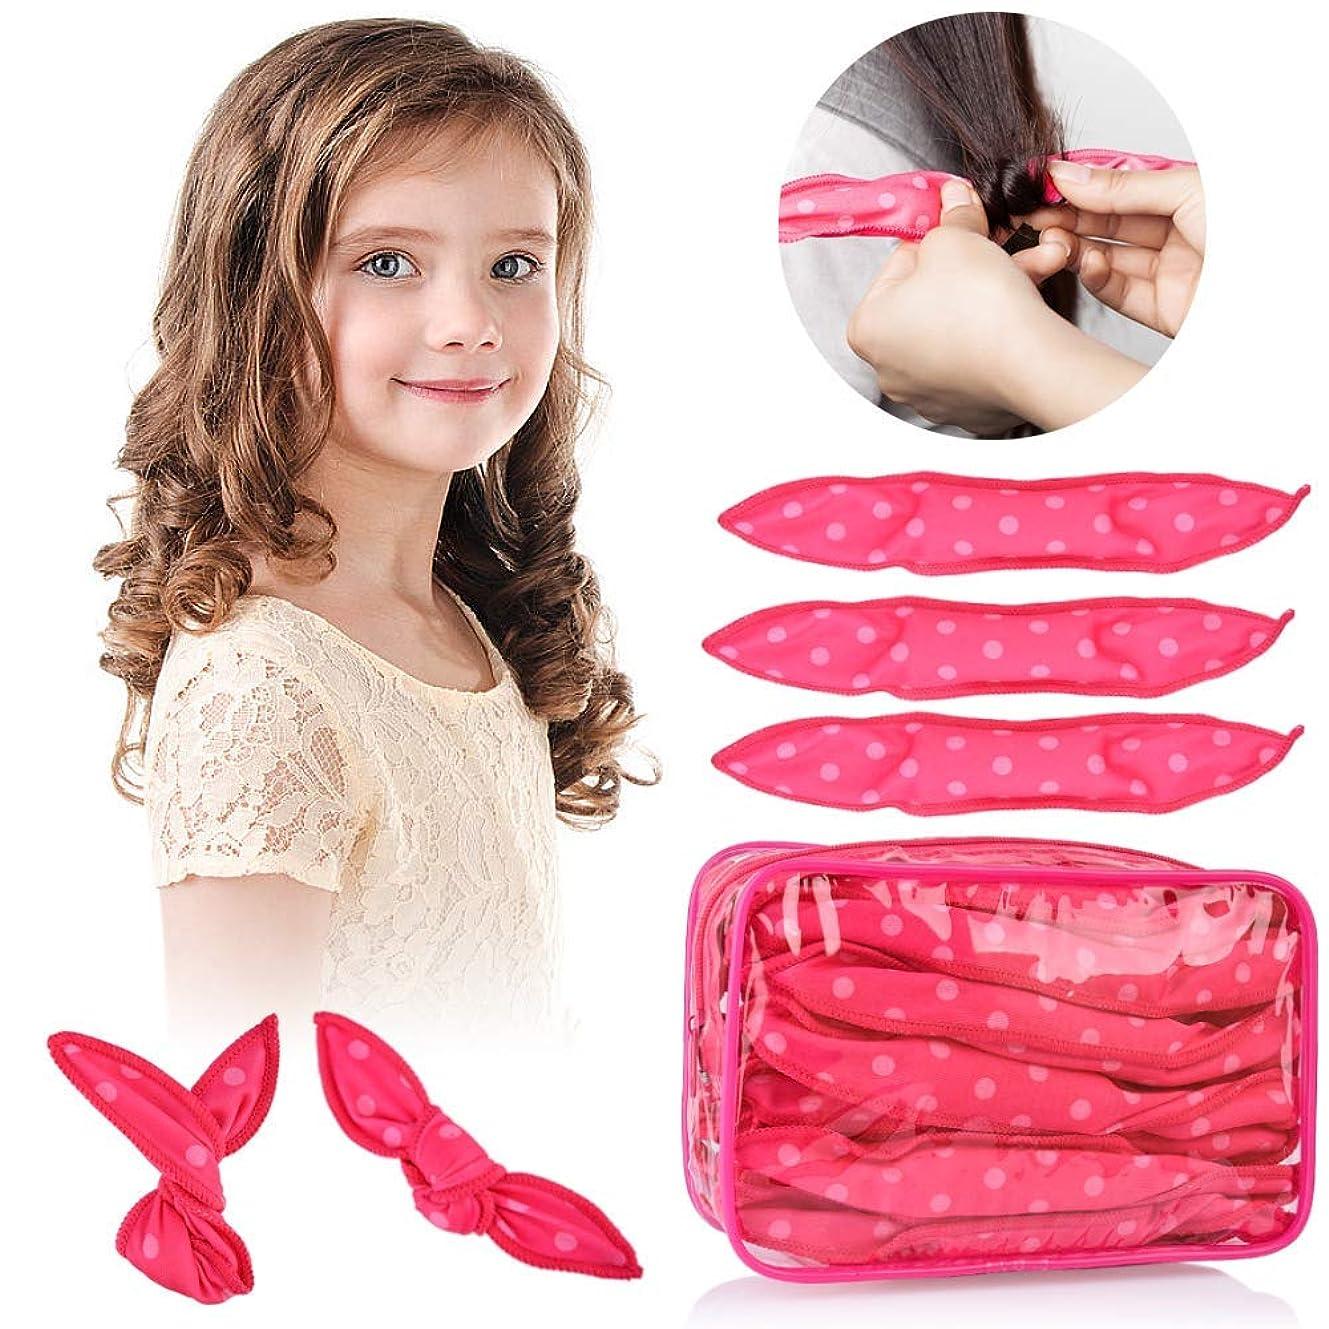 合成嫌がらせ文献HailiCare ヘアカーラー スポンジ ヘアカーラーマジック 手巻きカーラー 30枚 ヘアケアスタイリング 巻き髪 前髪 寝ながら ヘアスタイル 可愛い 髪に無害 ピンク (ピンク)